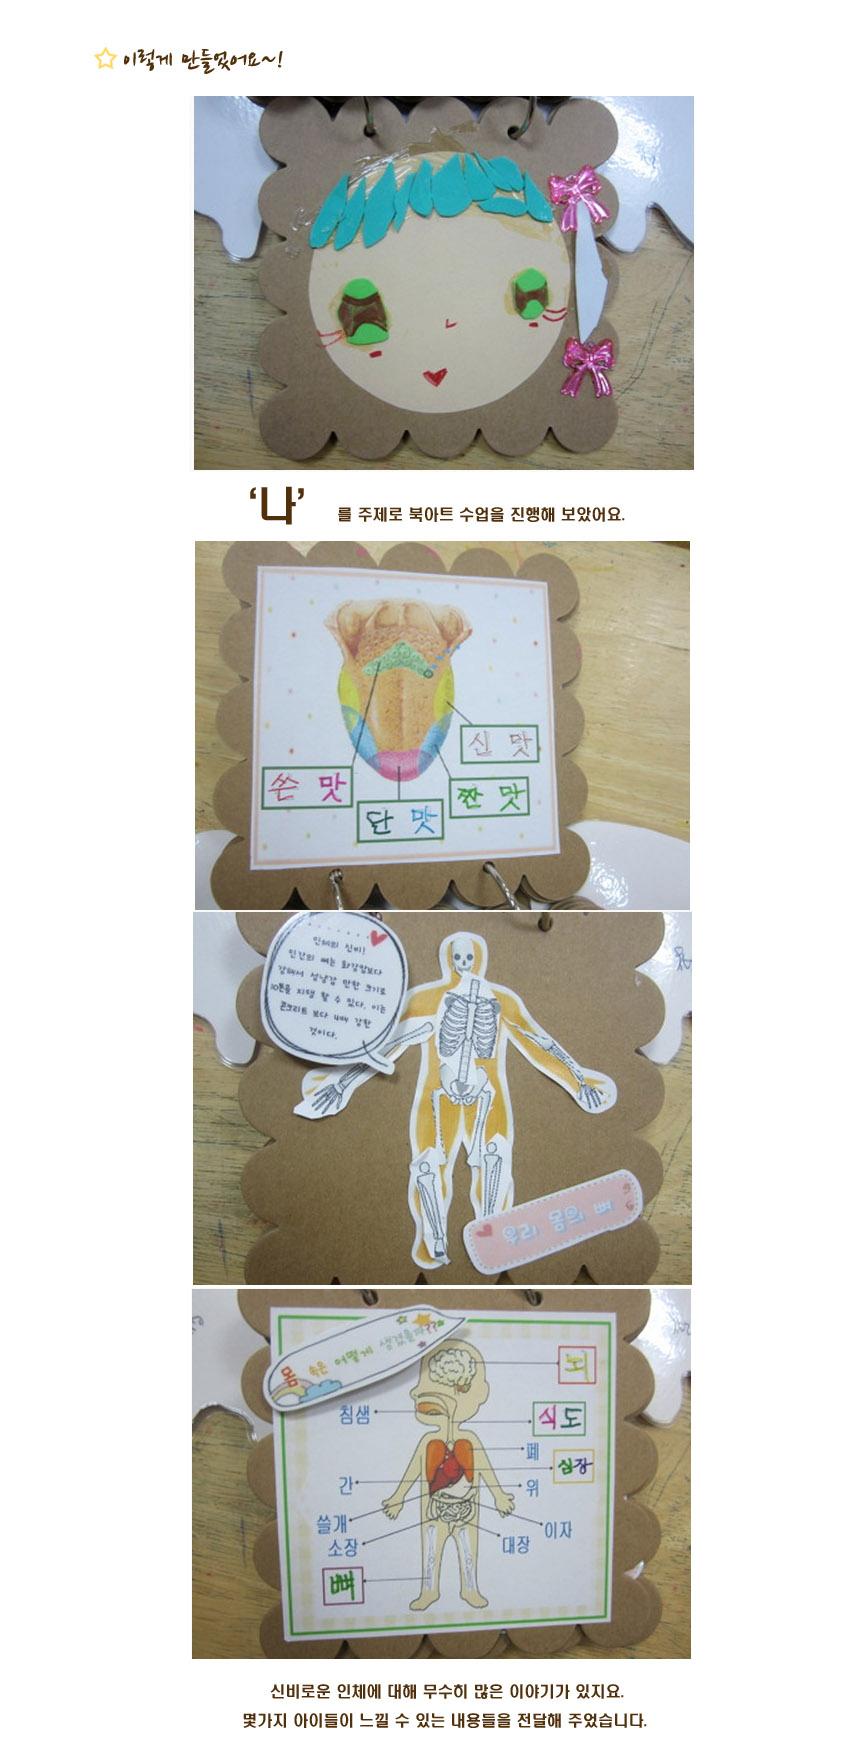 앨범DIY-사각형 - 만꾸(만들기와 꾸미기), 3,000원, 종이공예/북아트, 북아트 재료